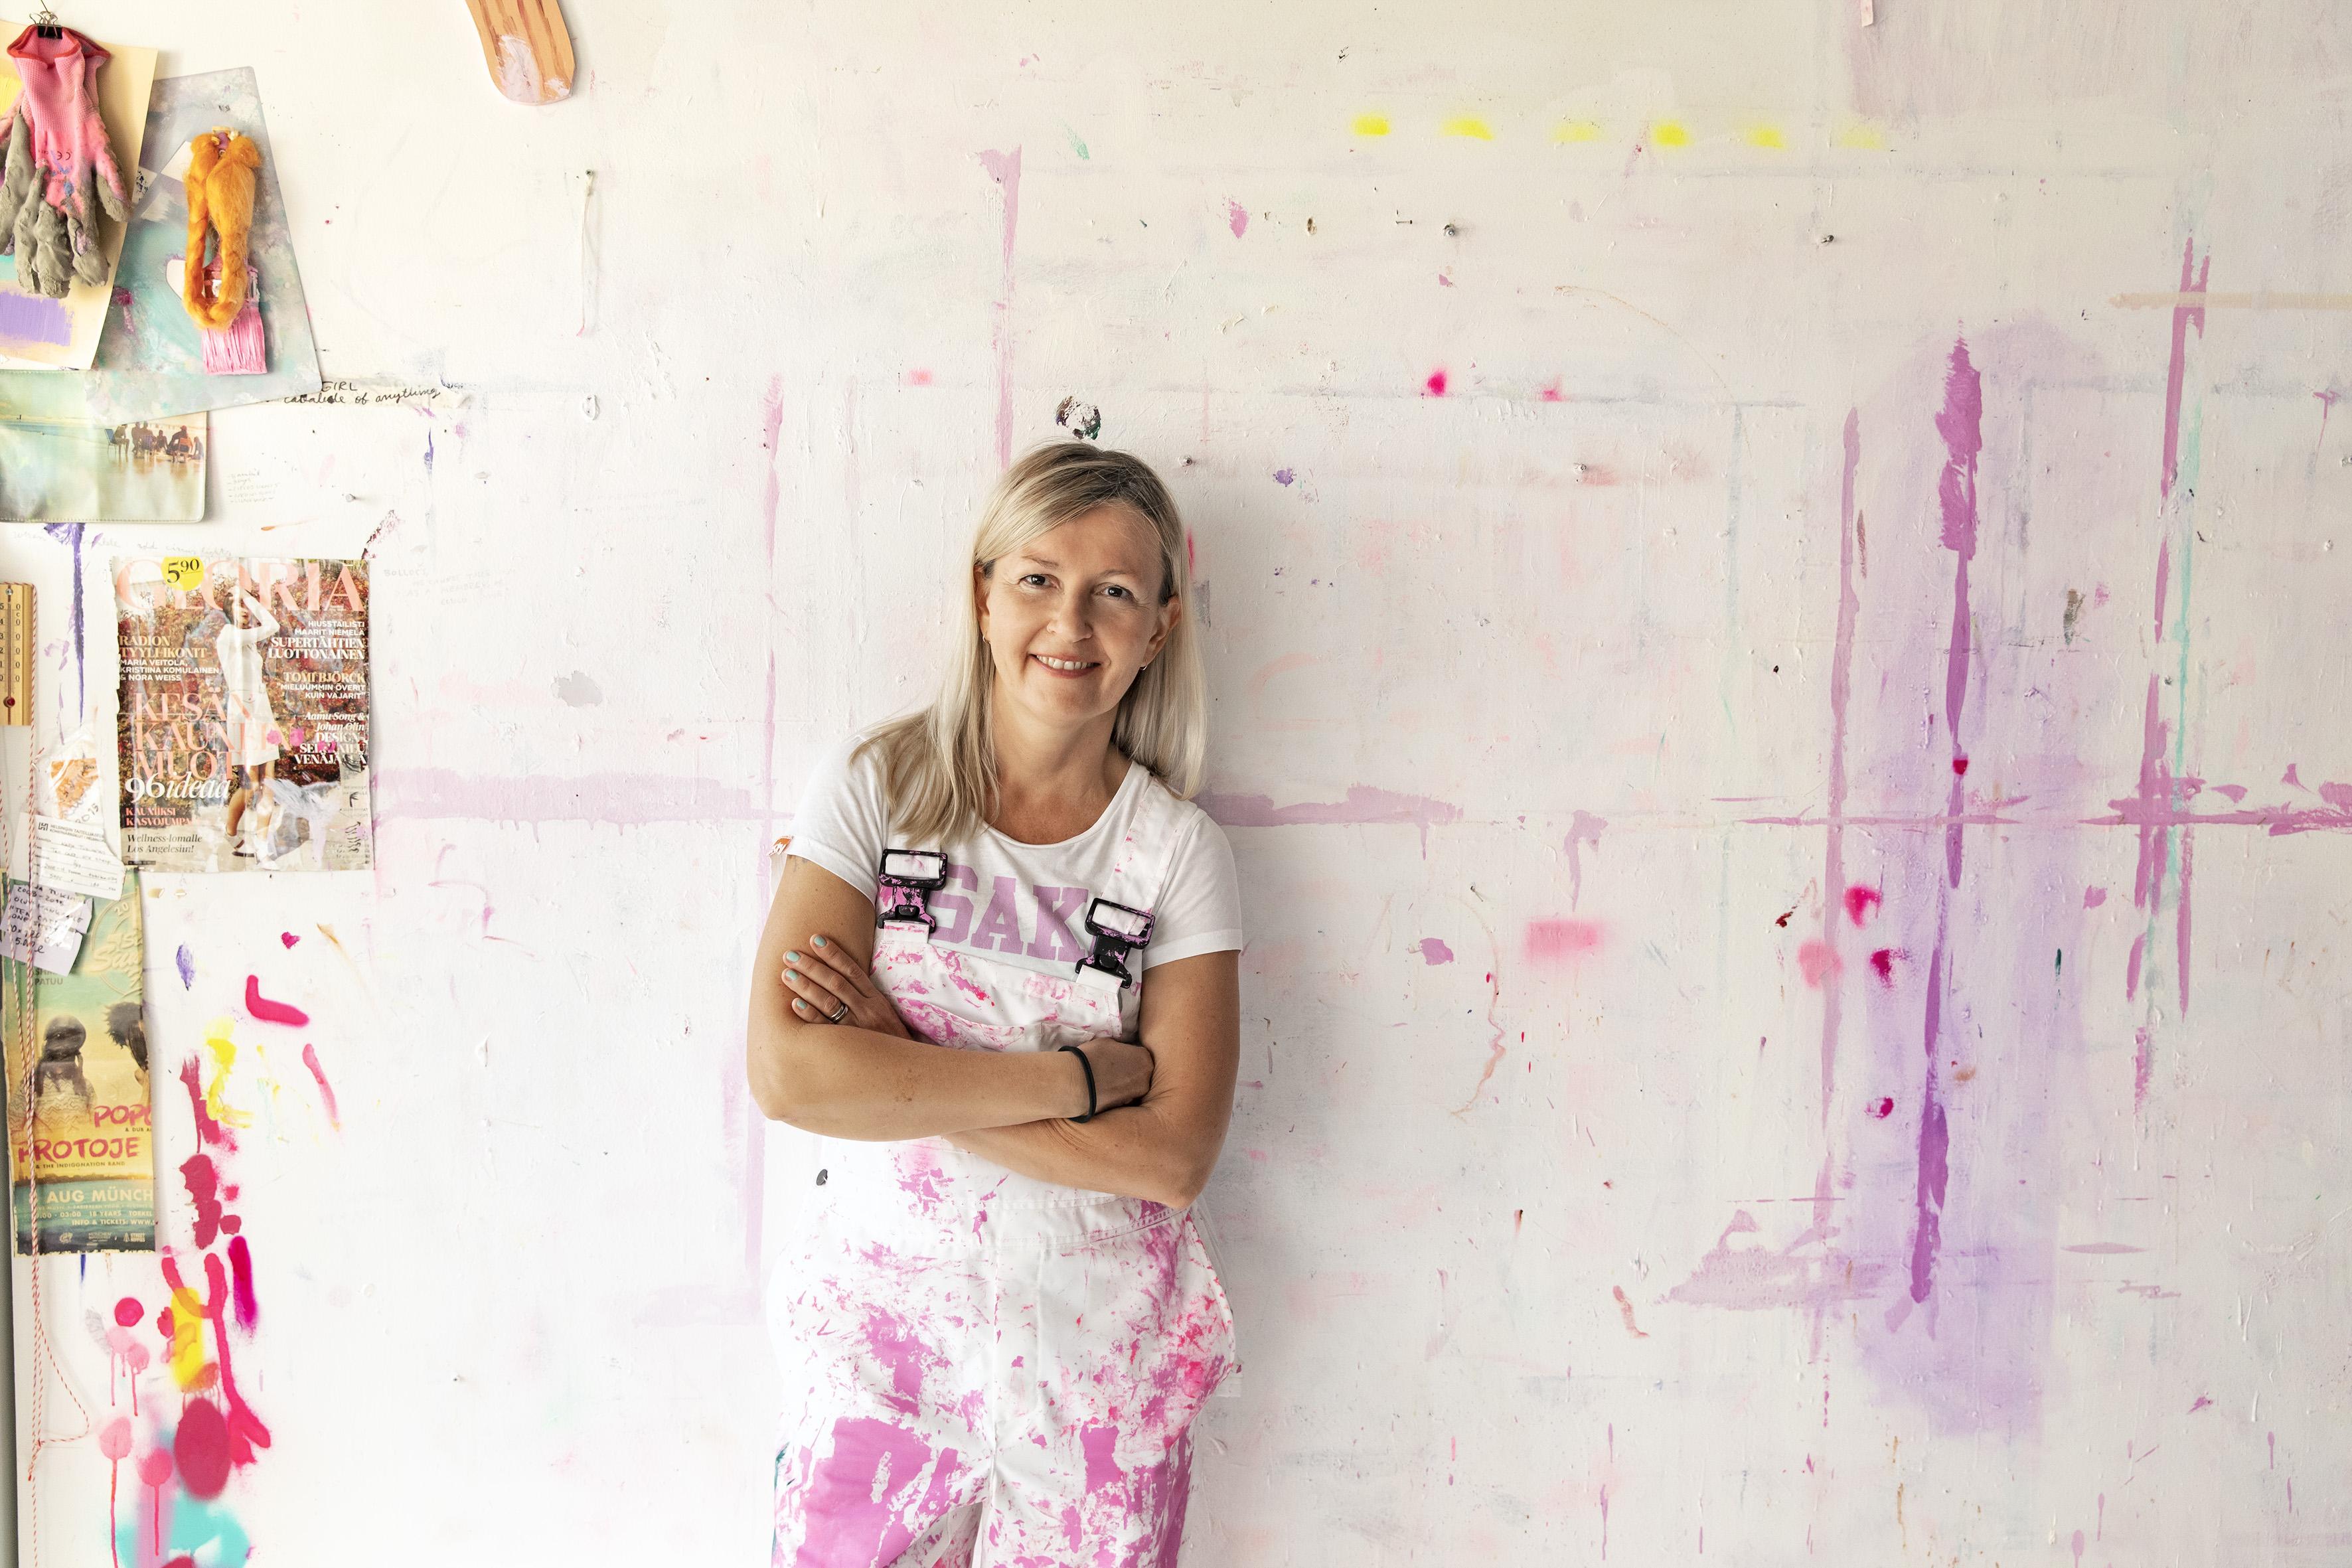 Katja Tukiainen nojaa valkoiseen seinään, jossa on vaaleanpunaisia ja liiloja maalitahroja. Hän katsoo suoraan kameraan ja hymyilee. Hänellä on yllään valkoiset haalarit, jotka ovat myös vaaleanpunaisen maalin peitossa.